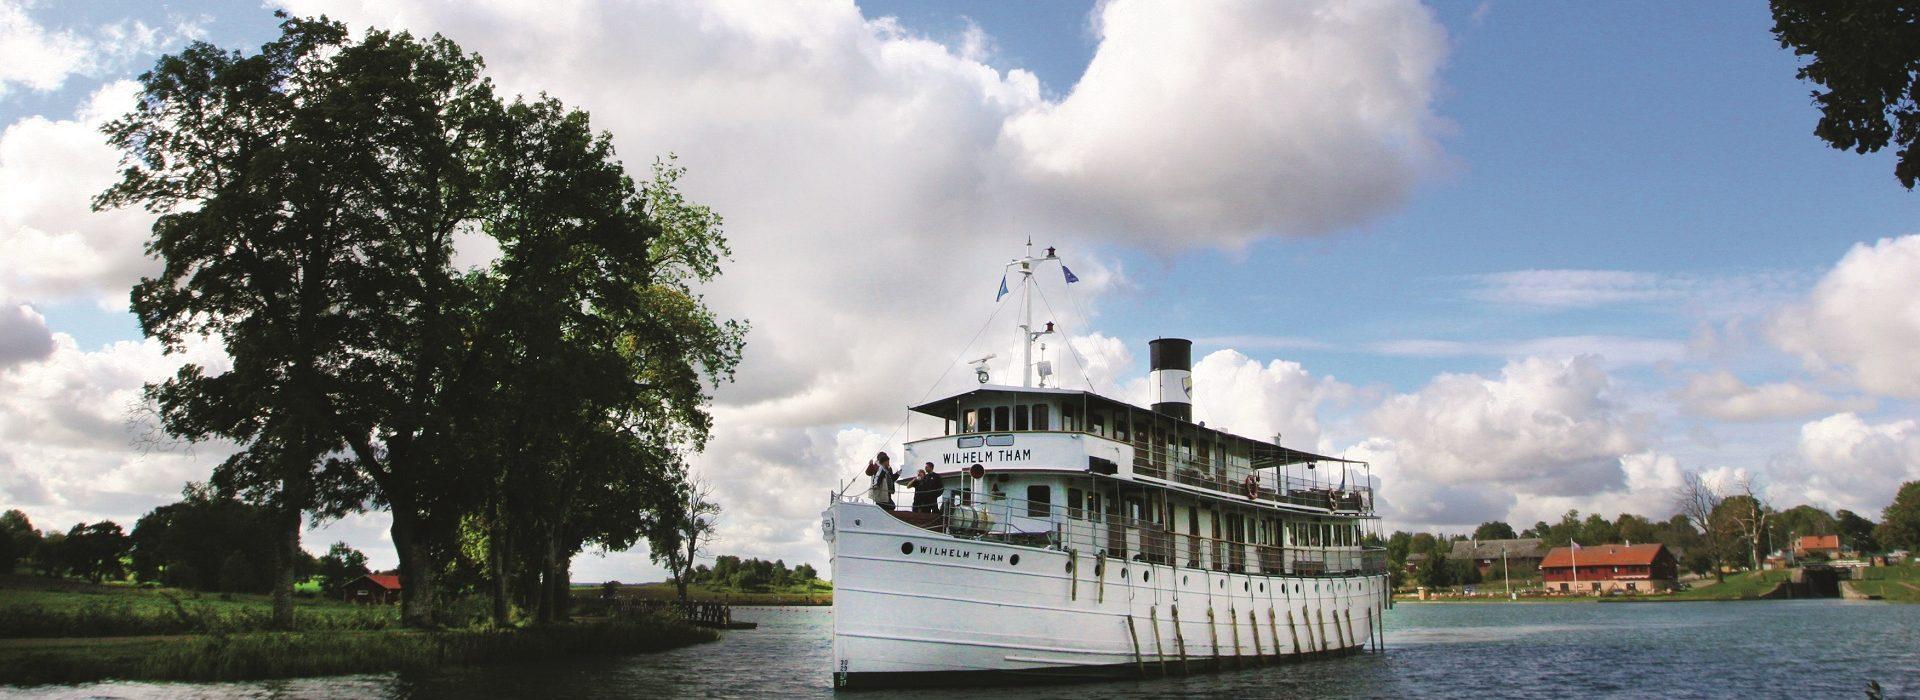 Gotakanal nostalgiesche Reisen mit der MS Wilhelm Tham